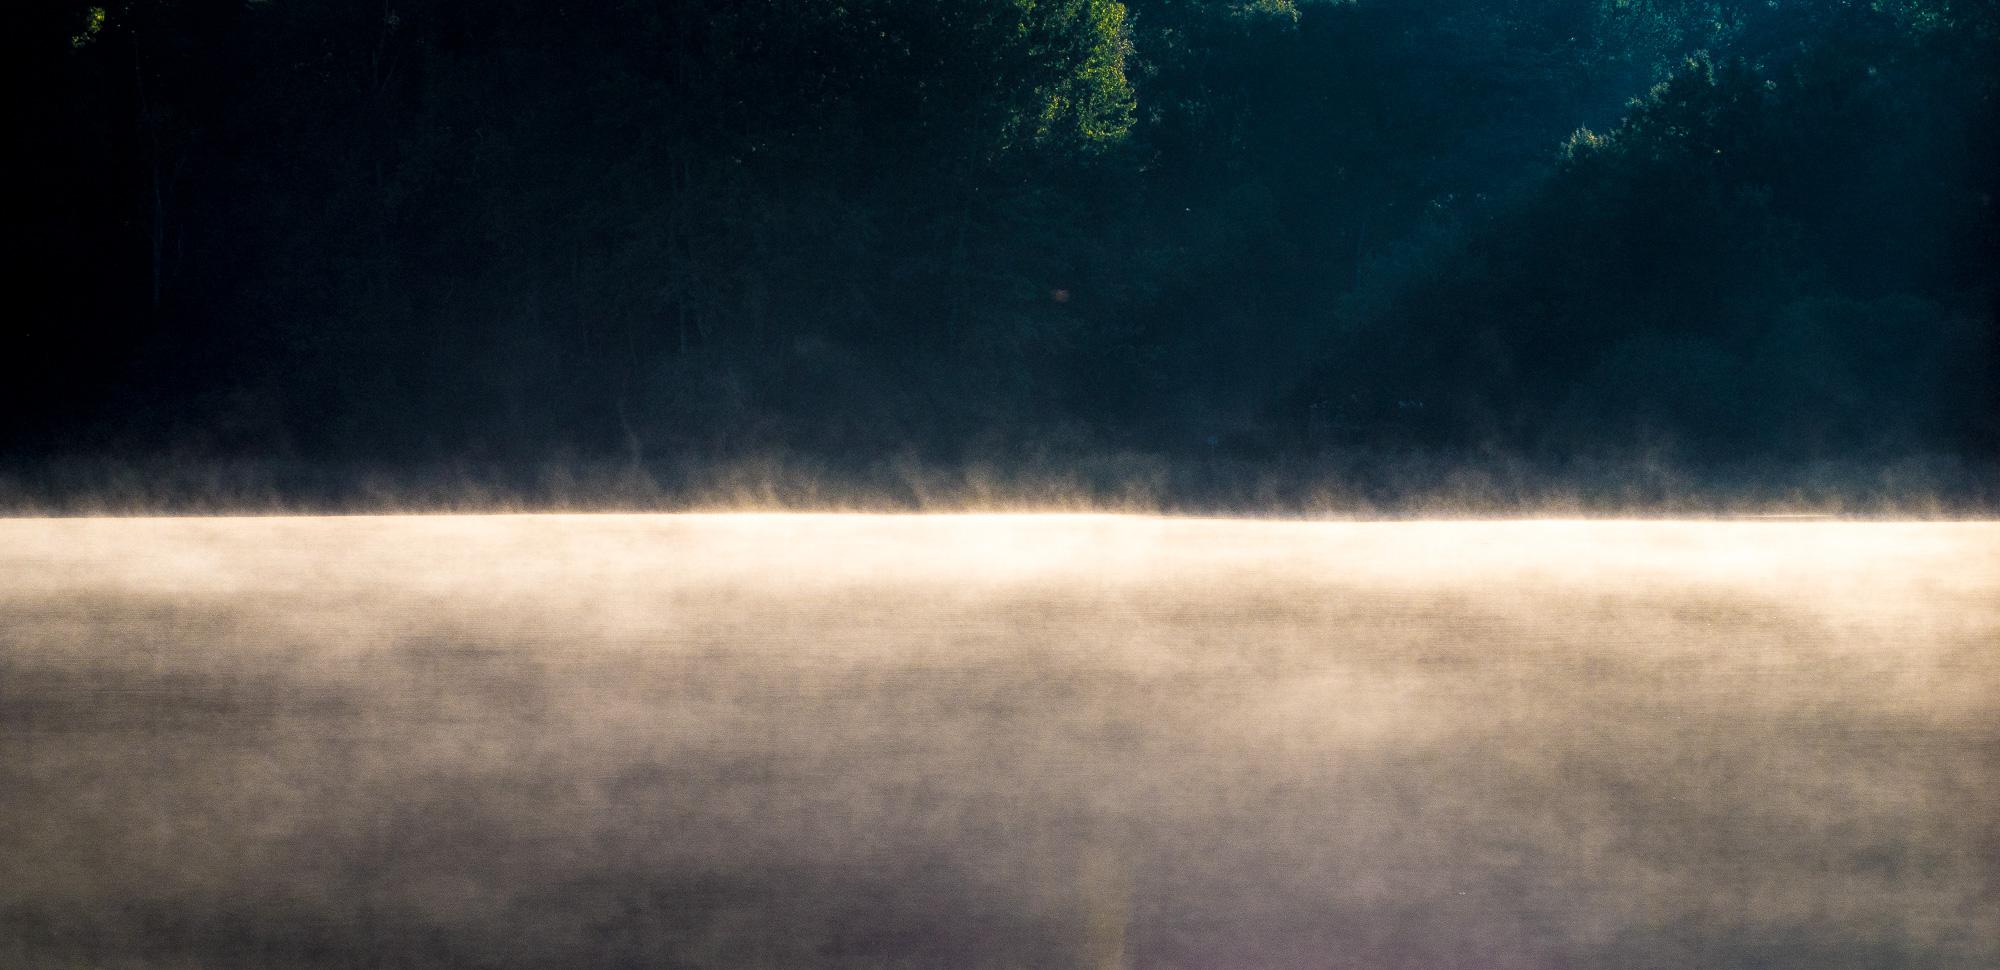 Morgendlicher Dunst auf dem Mönchsteich, von der Sonne zum Leuchten gebracht